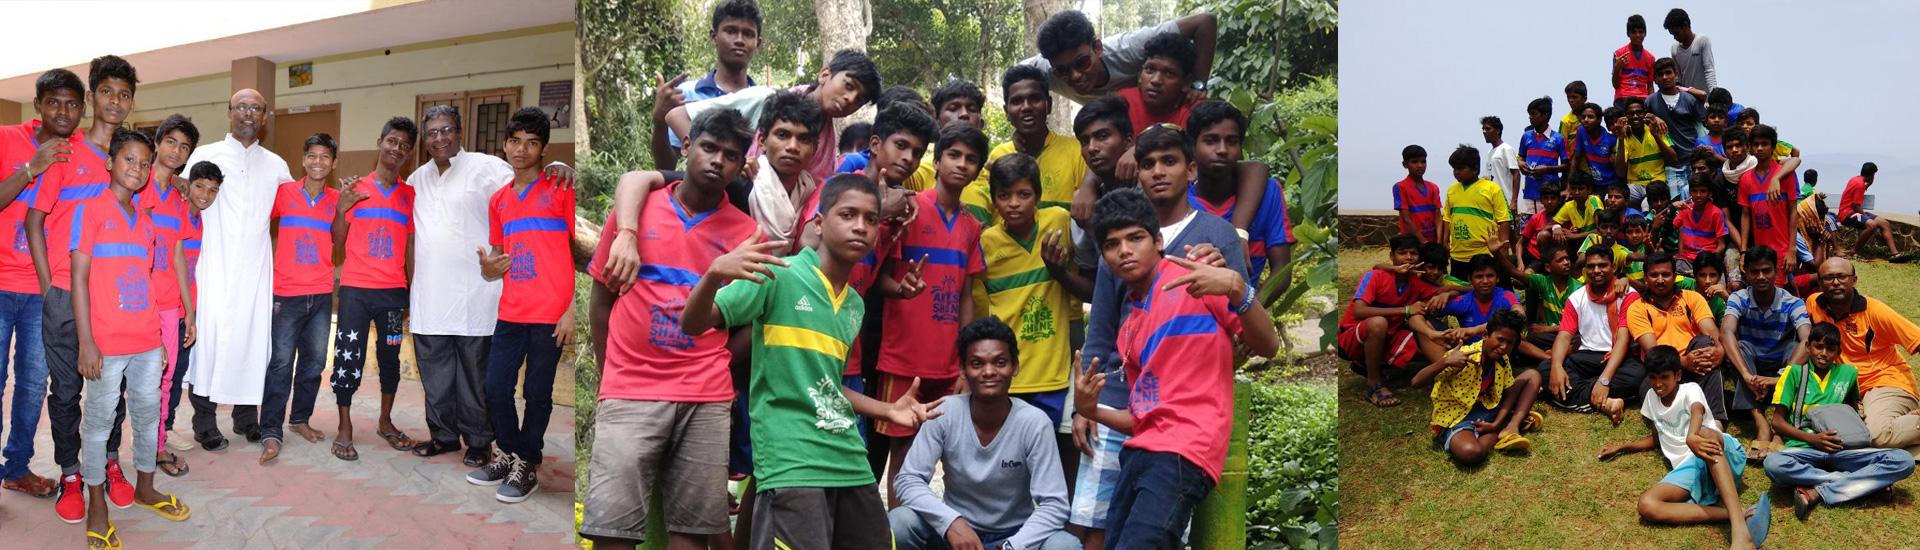 Dos hermanos abandonados en India cuando eran niños se reencuentran con su familia gracias a los misioneros salesianos